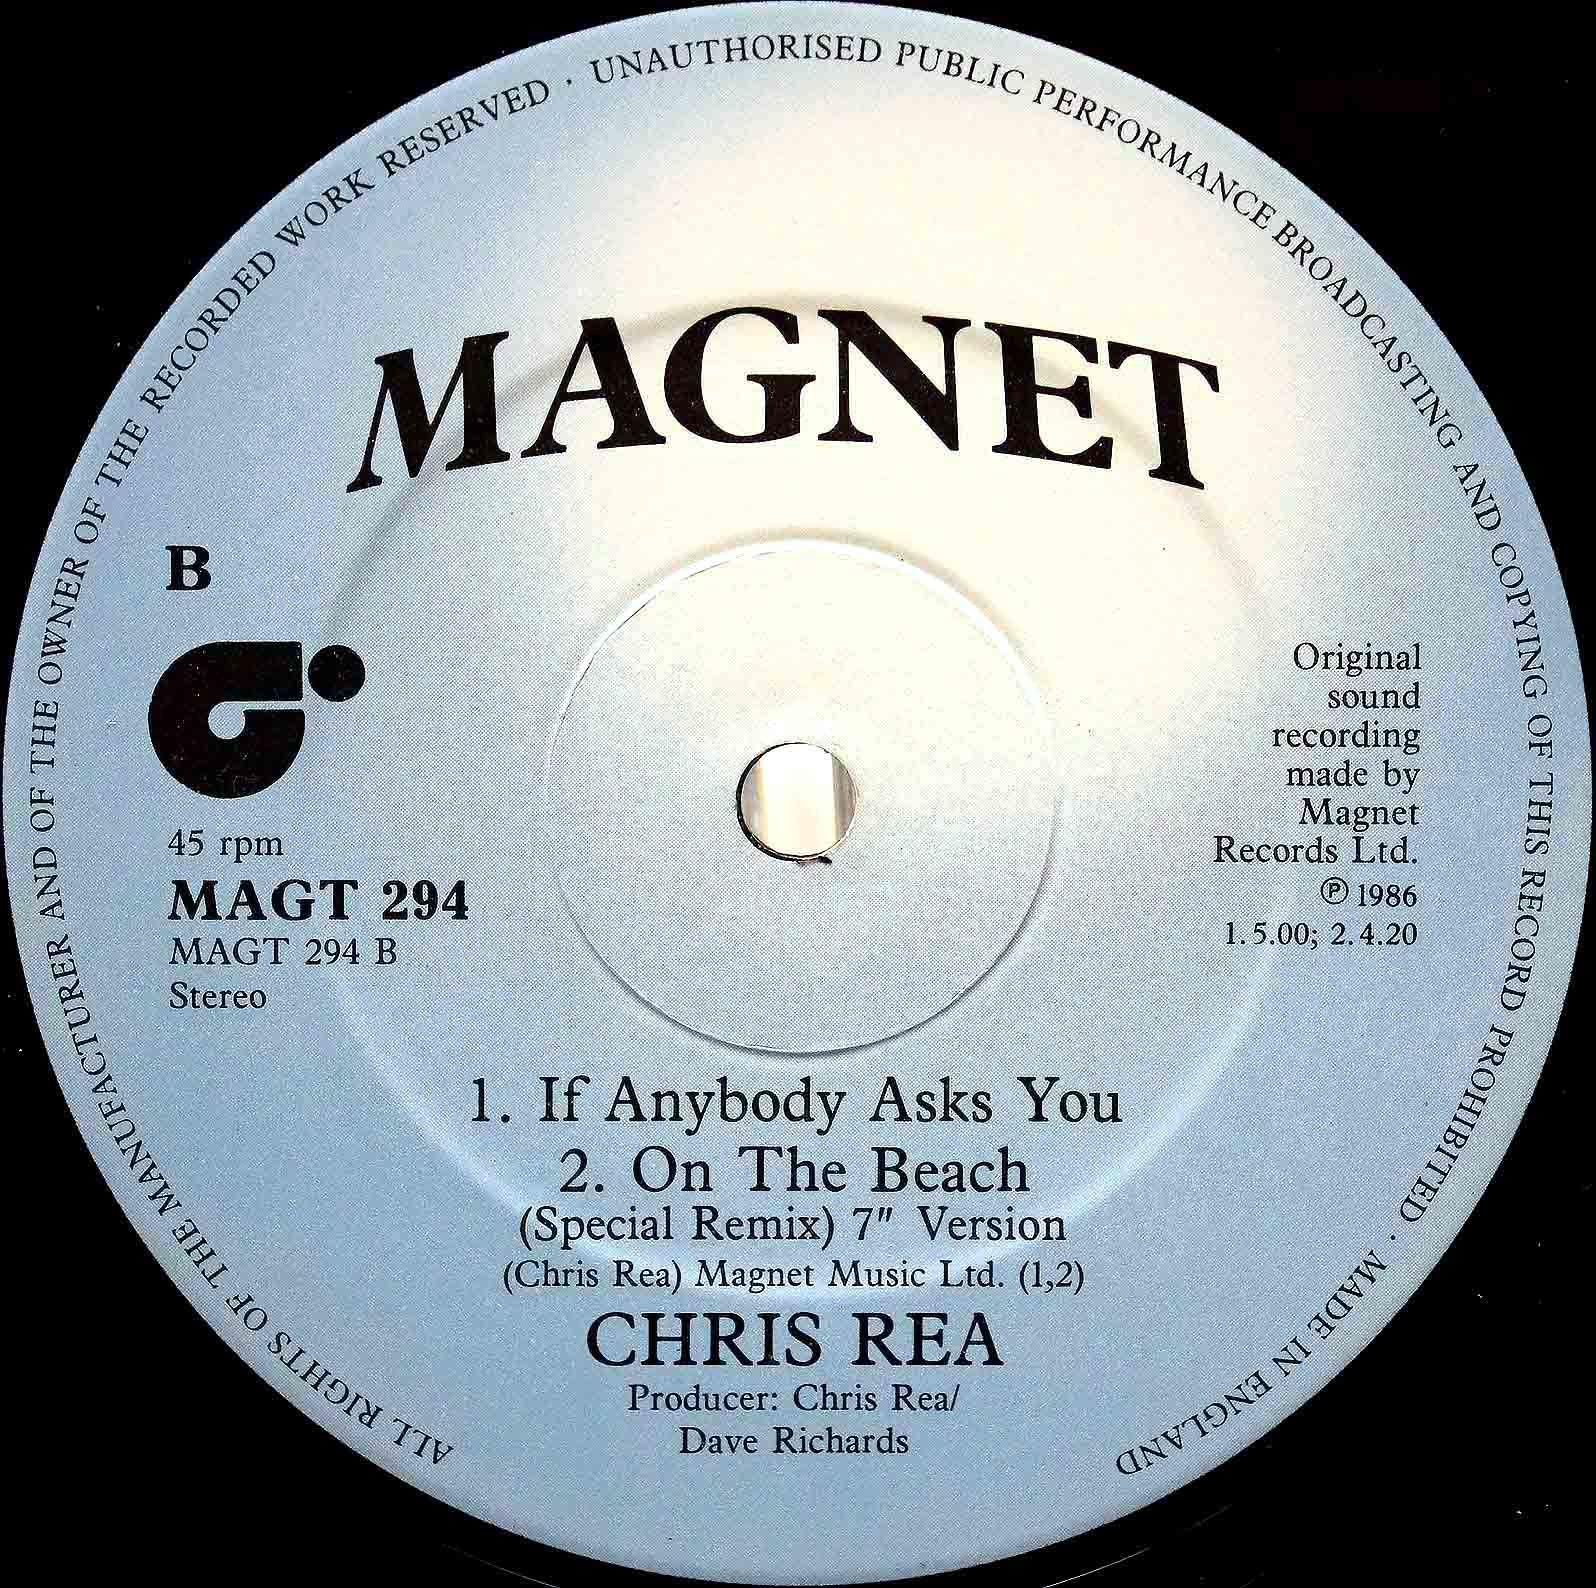 Chris Rea – On The Beach 04